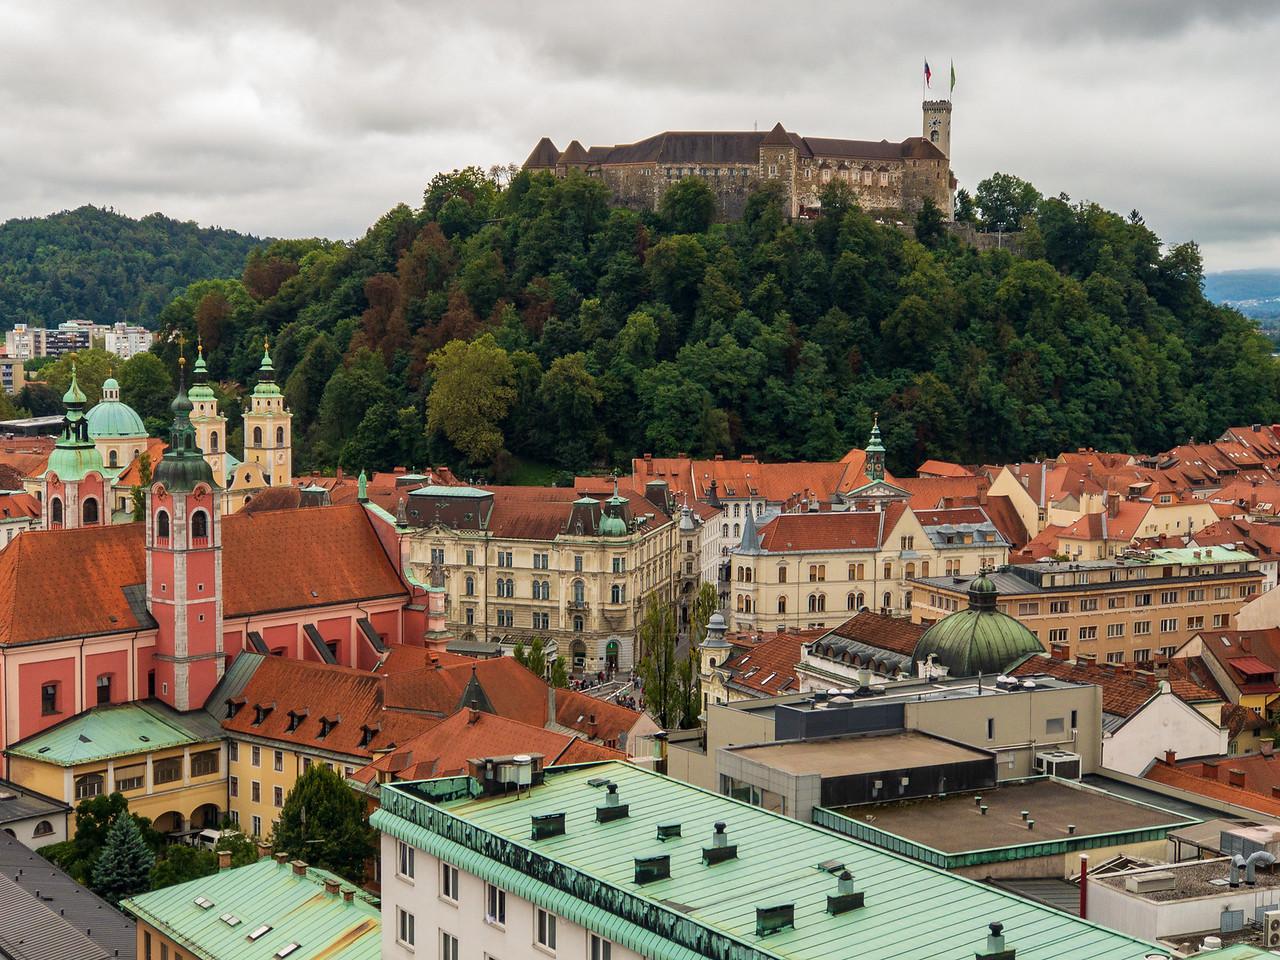 Вид Люблянского замка с вершины небоскреба (Неботичник) Чем заняться в Любляне, Словения Чем заняться в Любляне, Словения IMG 6260 X2